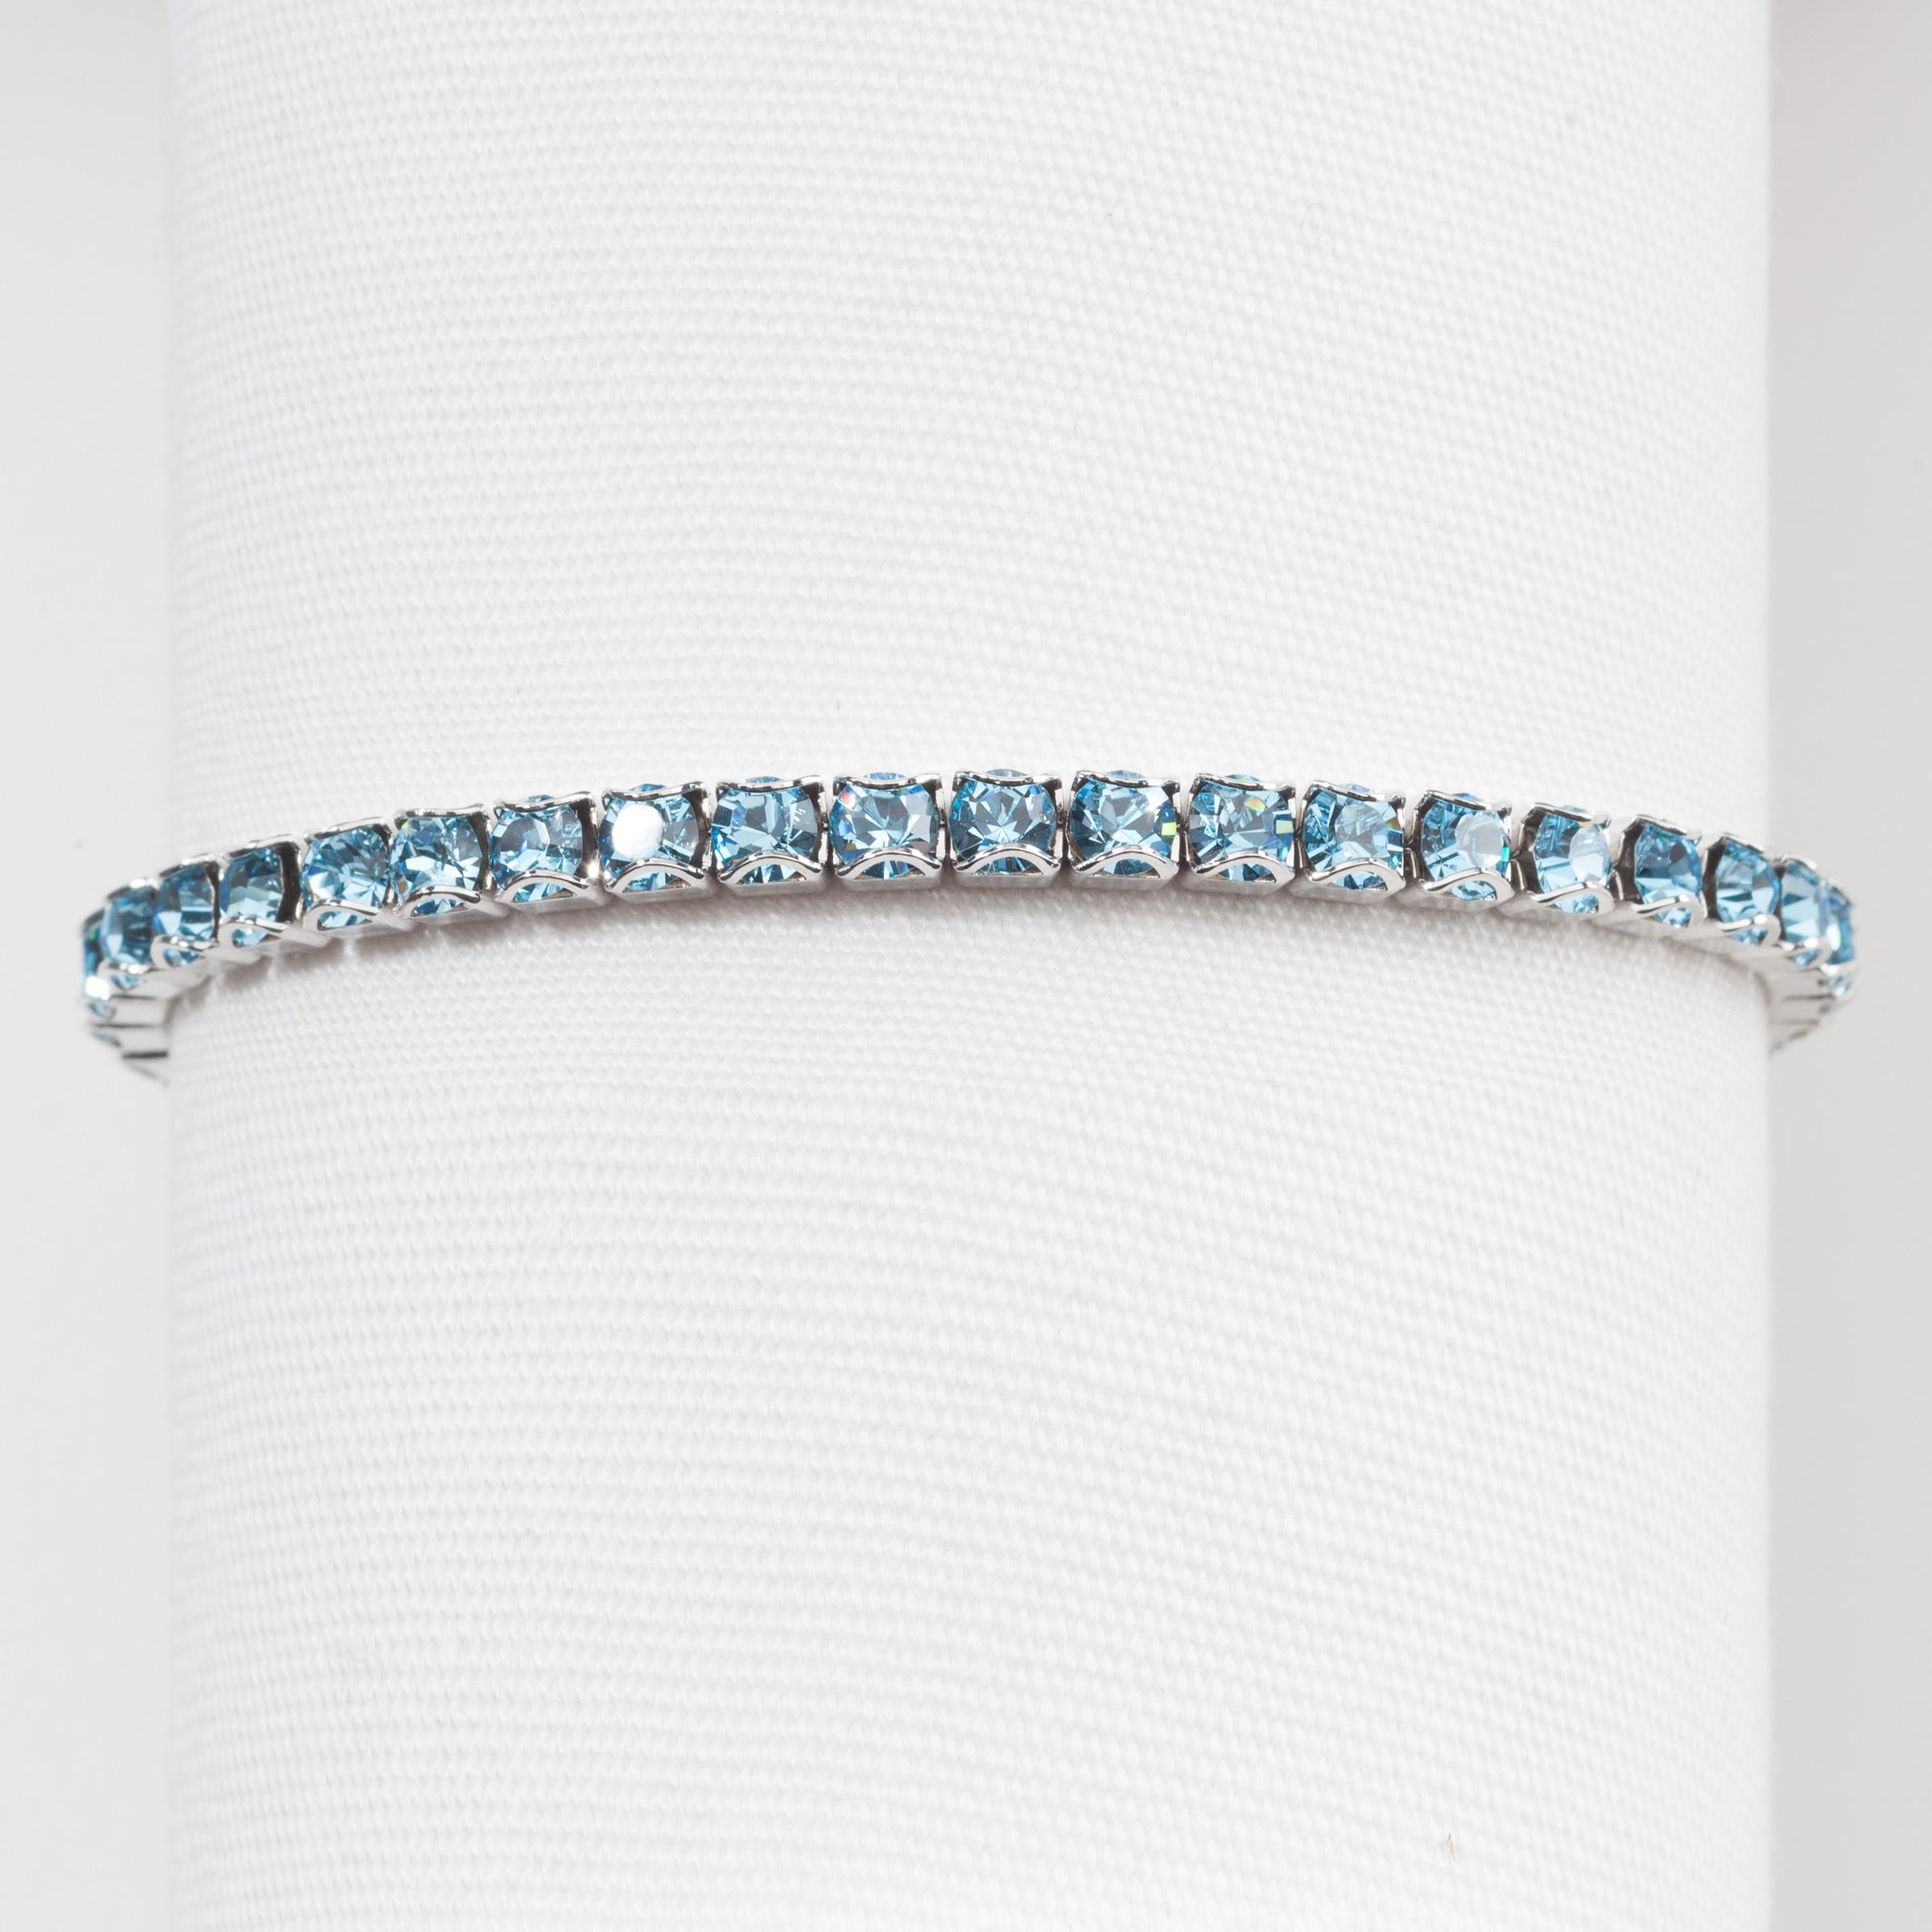 f810ca5b07b19 Touchstone Crystal by Swarovski – Jewelry Home Parties